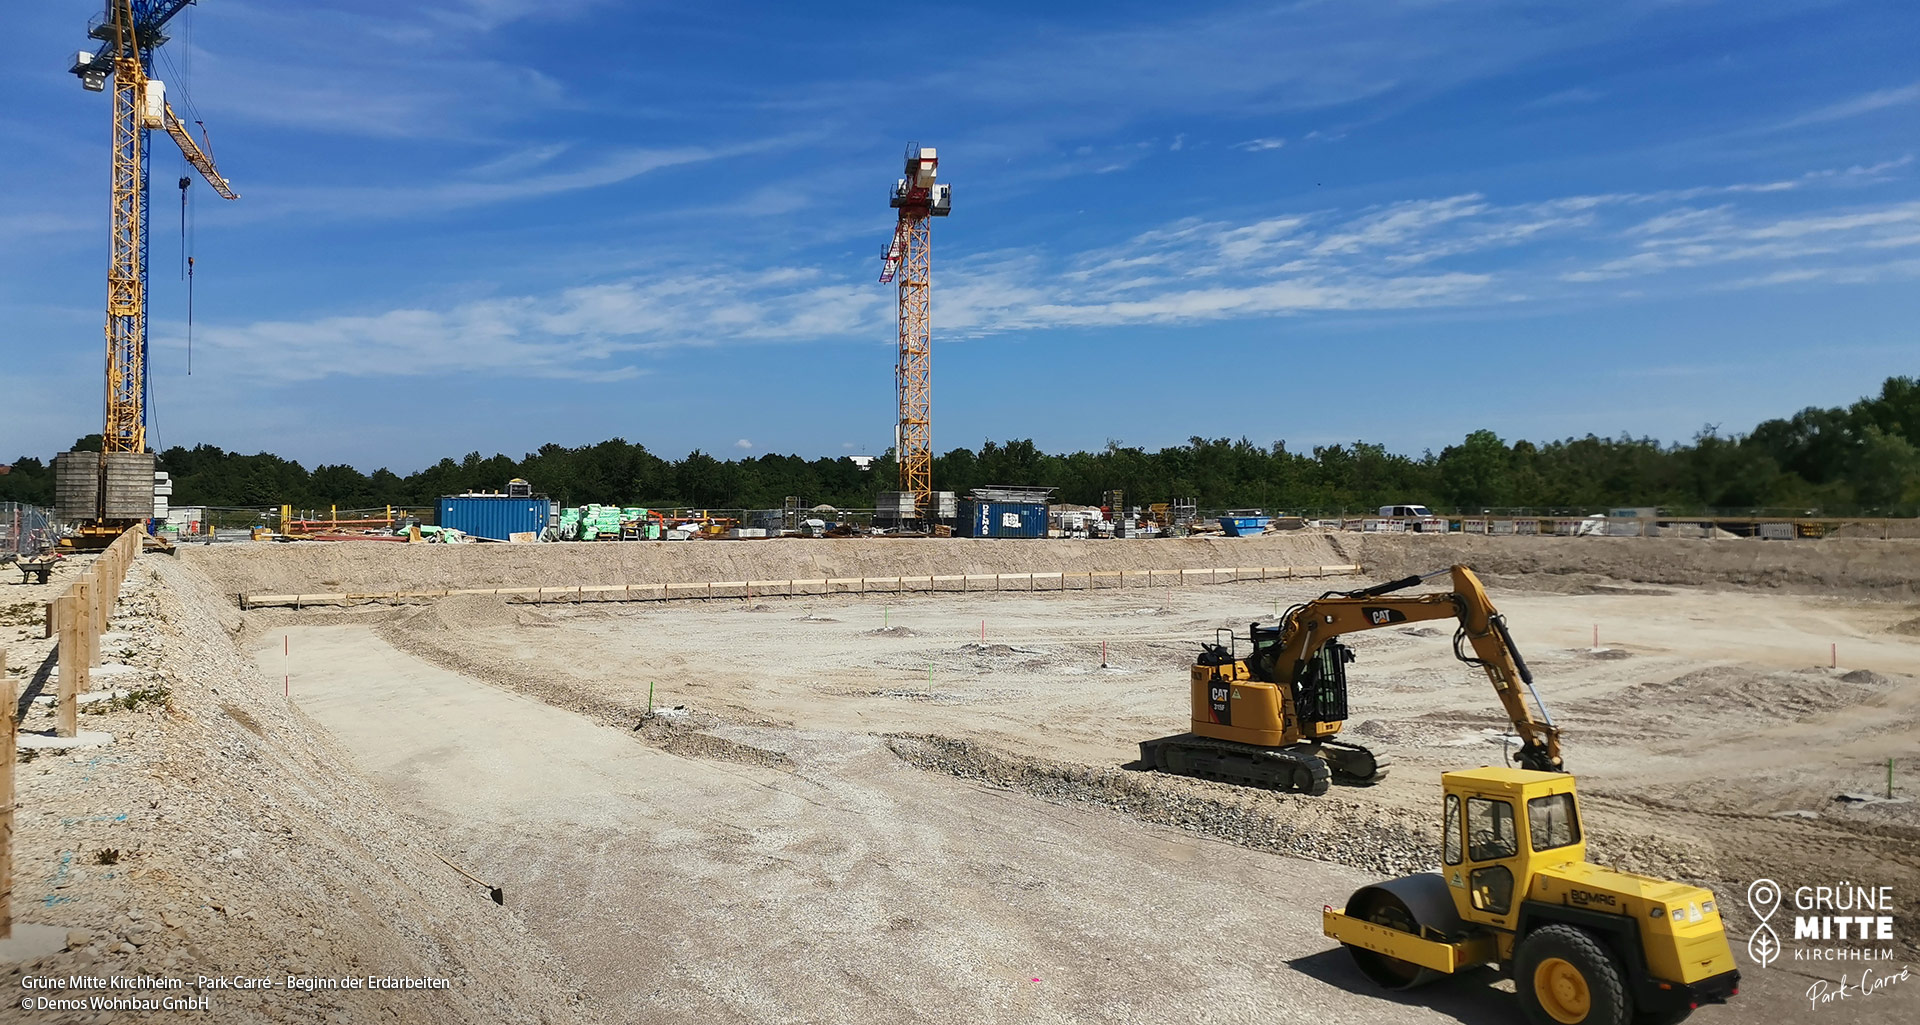 'GRÜNE MITTE KIRCHHEIM - Park Carré' in Kirchheim bei München: Beginn der Erdarbeiten